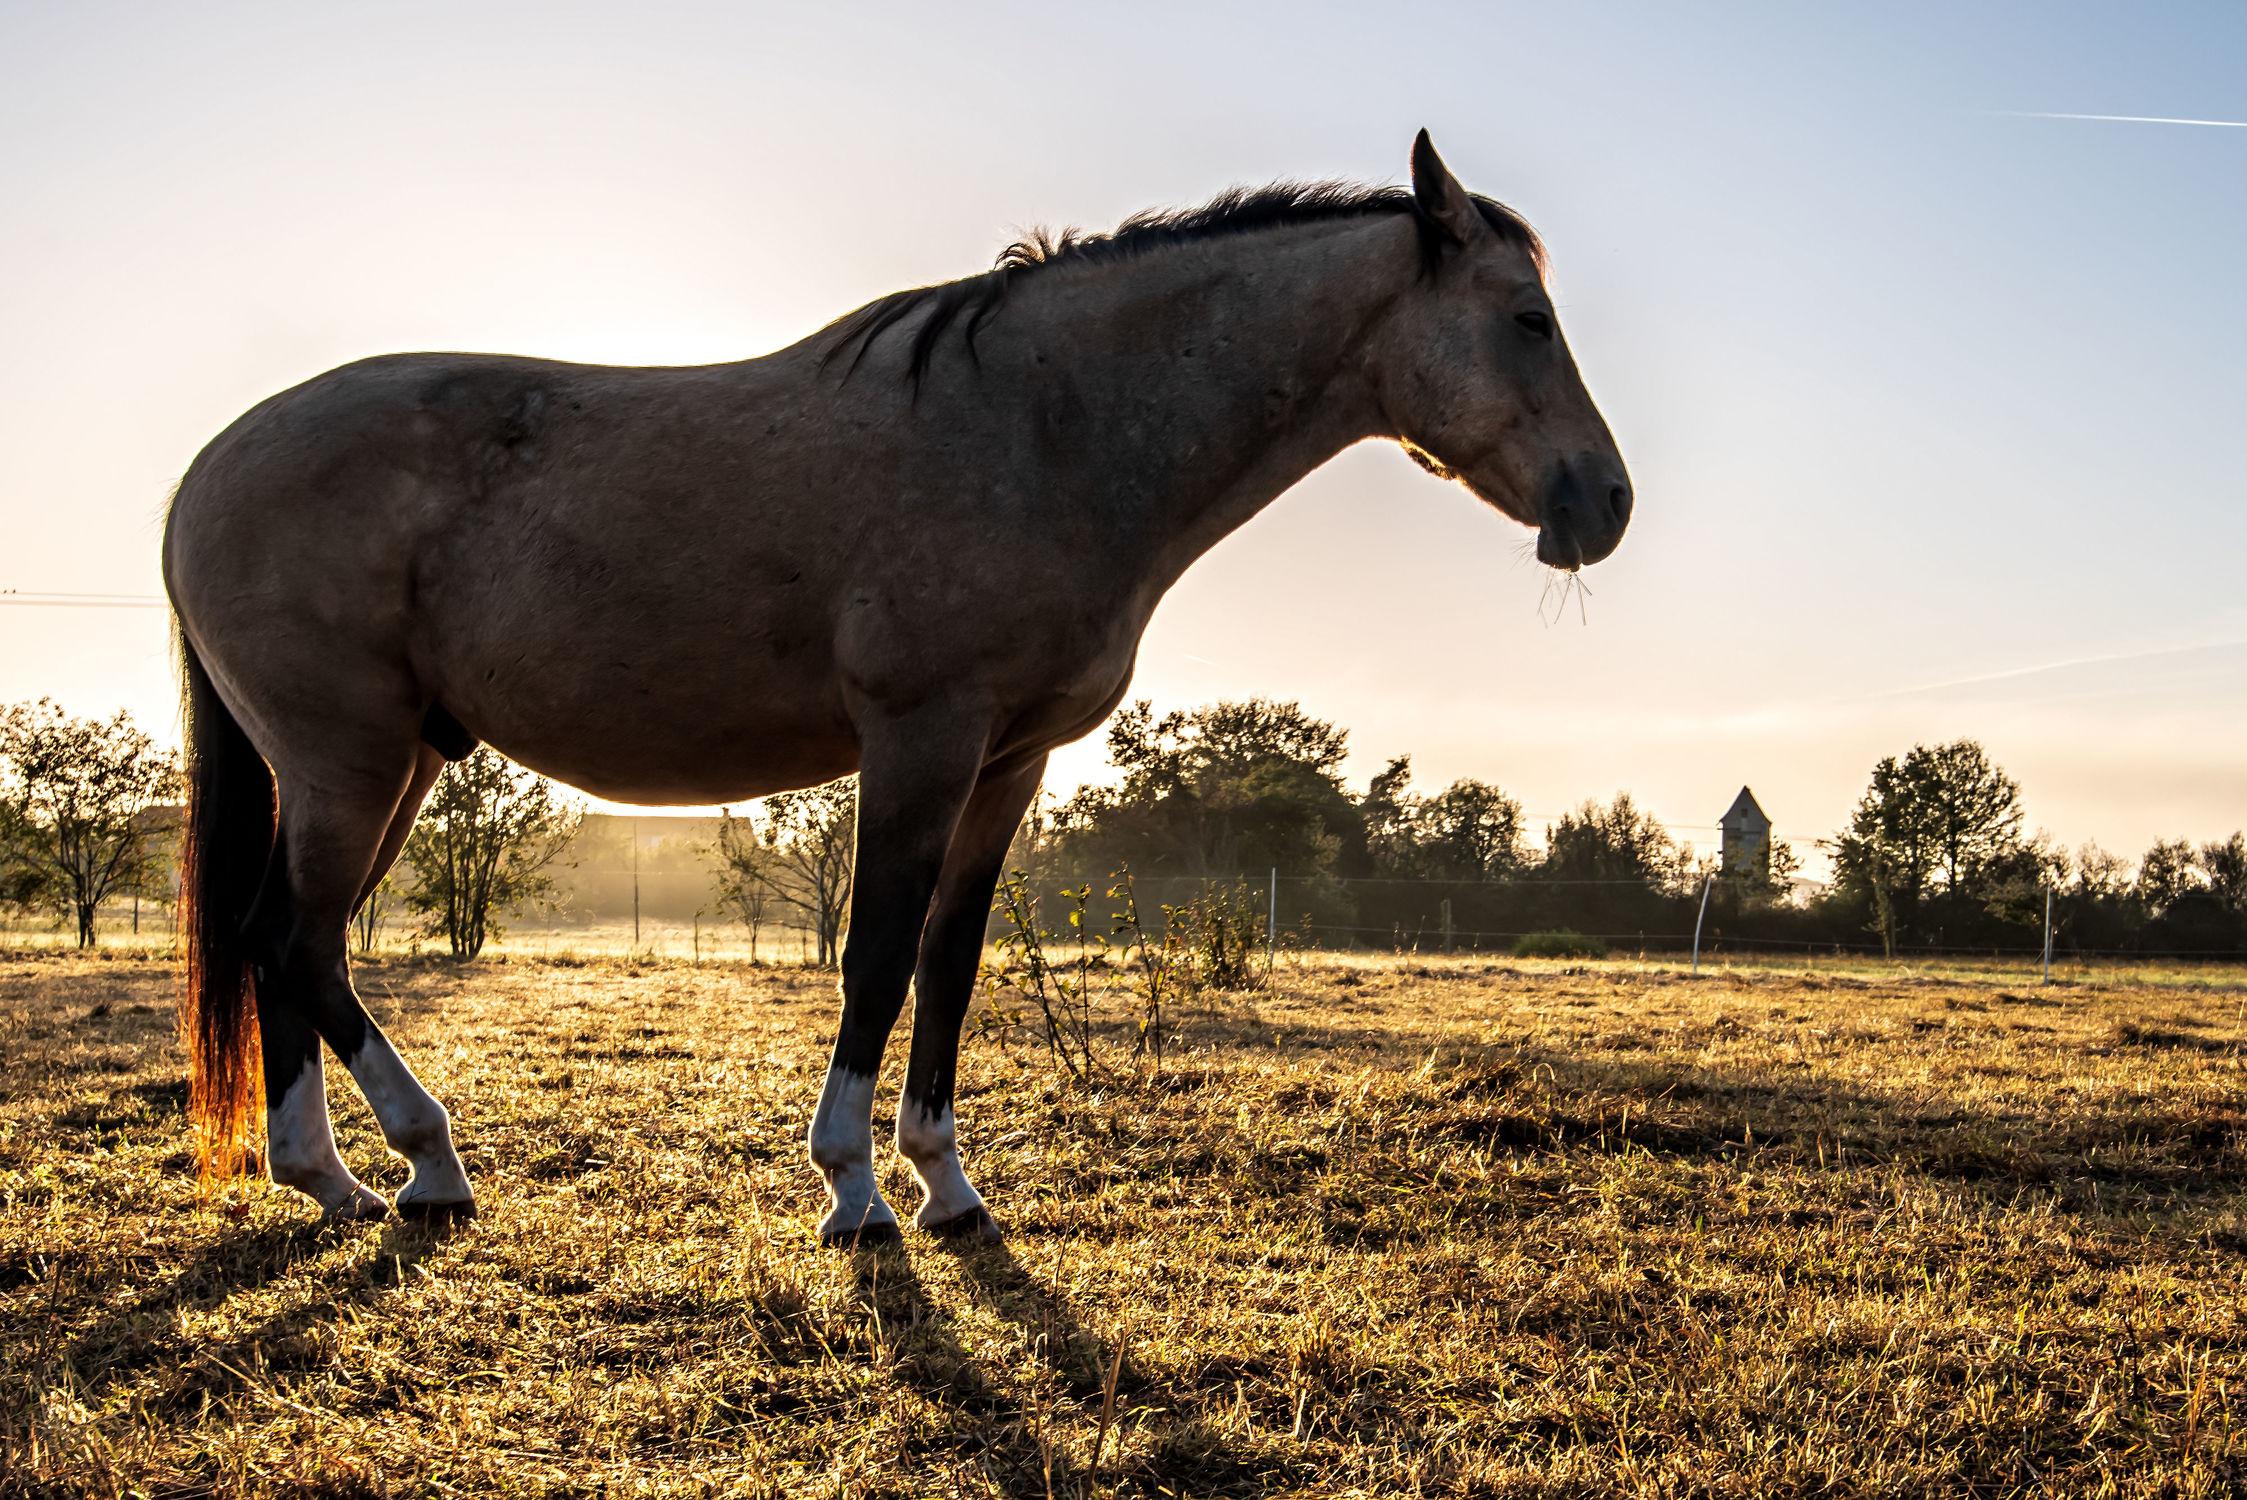 Bild mit Tiere, Natur, Bäume, Sonnenaufgang, Pferde, Landschaft, Wiese, Gegenlicht, Licht, Kinderbild, Kinderbilder, Stille, Wiesen, Weide, reiten, Schatten, Einsamkeit, Koppel, Morgens, Pferdeliebe, pferdebilder, pferdebild